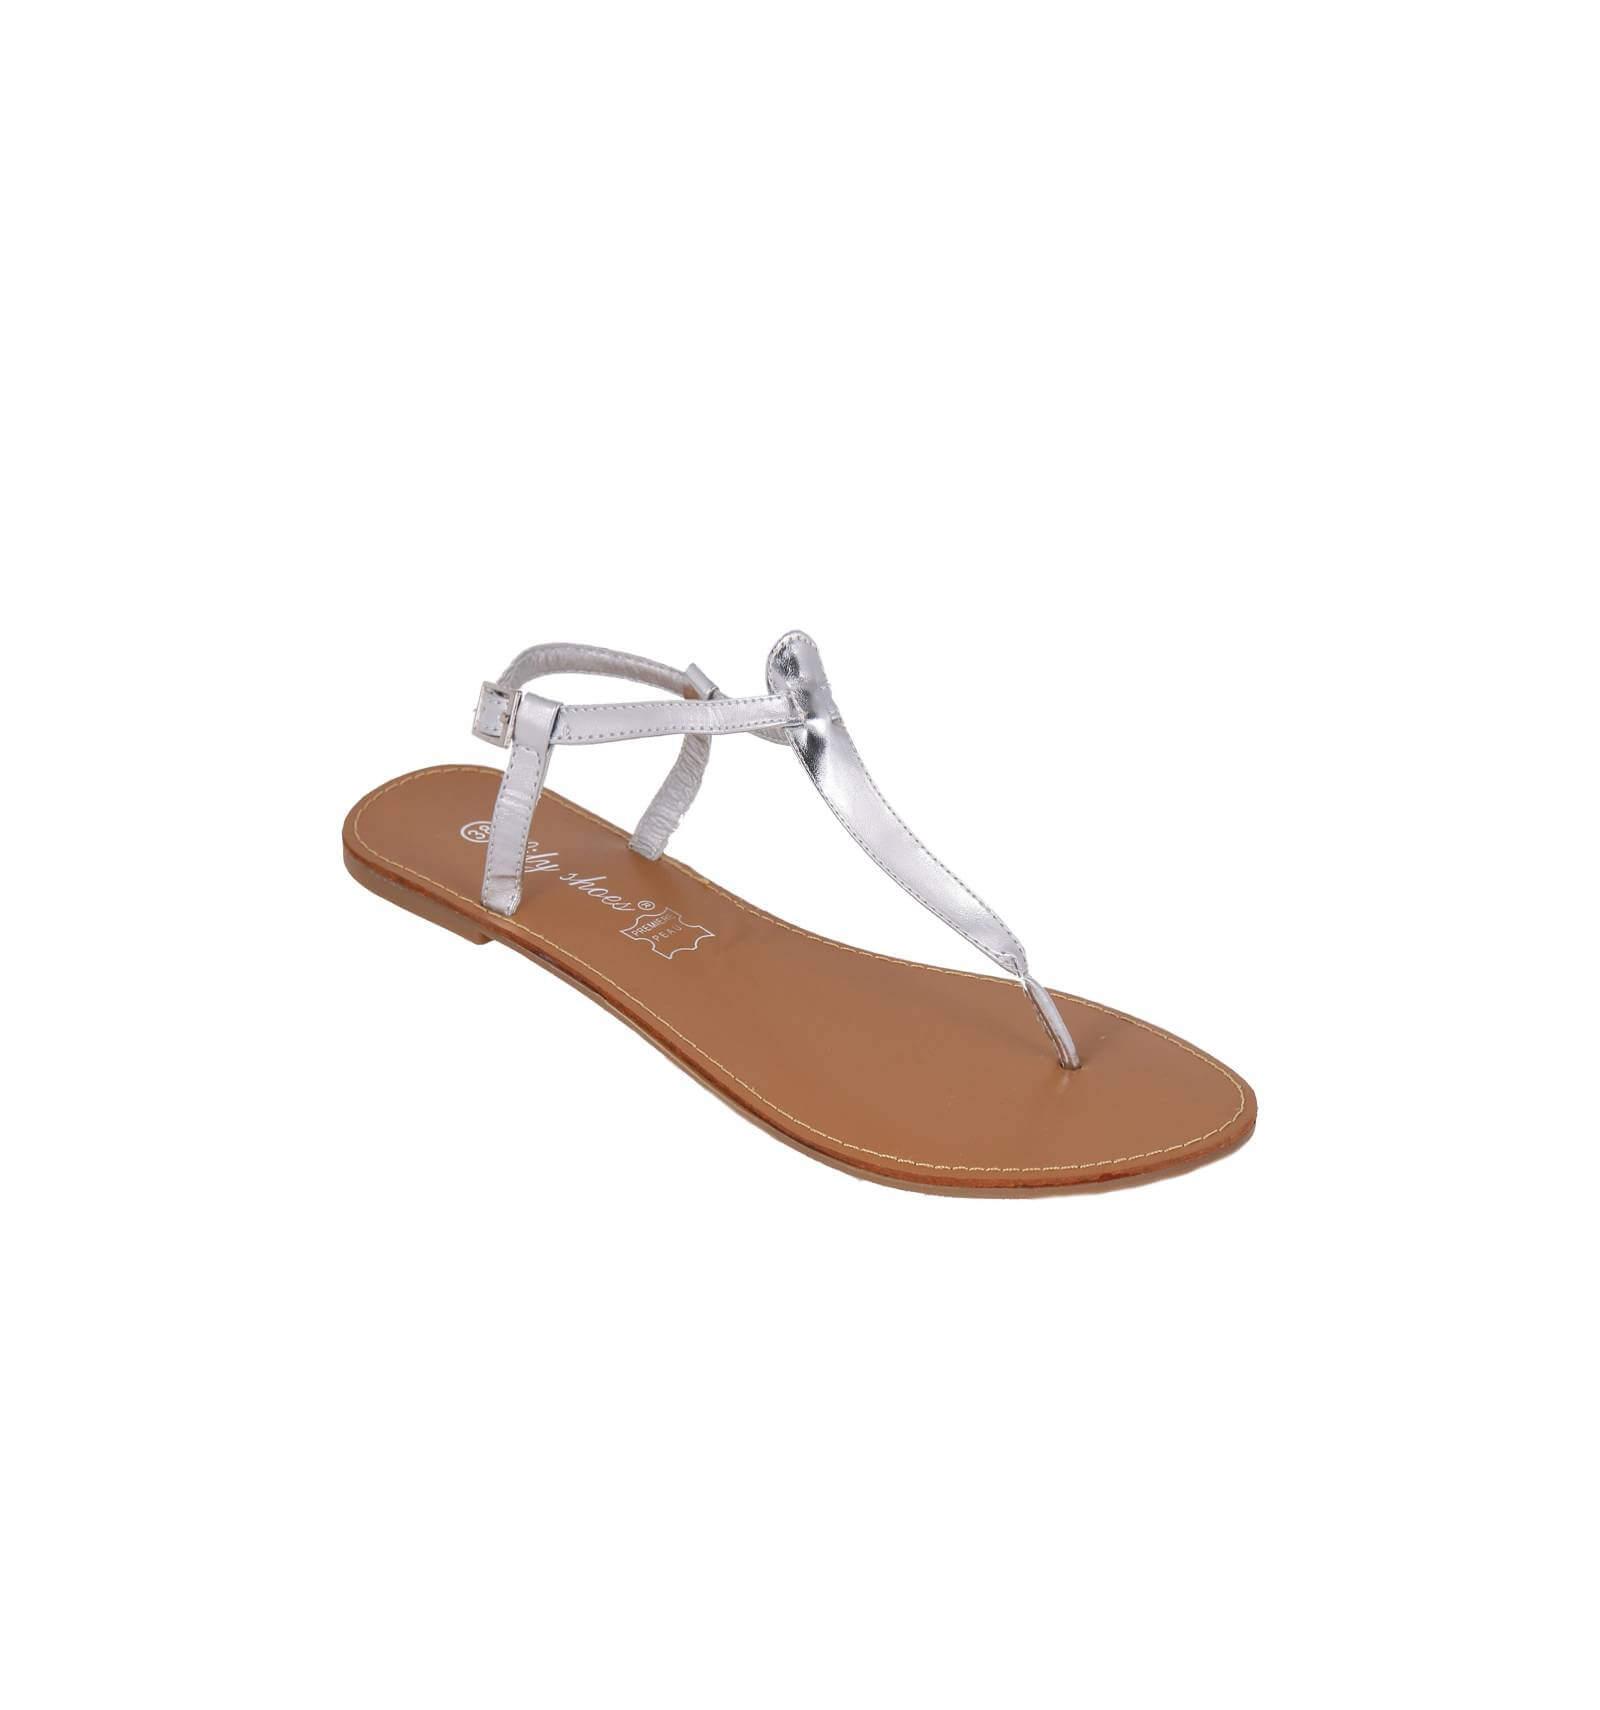 sandales pour femme plates argent es et vernie mod le ibiza. Black Bedroom Furniture Sets. Home Design Ideas